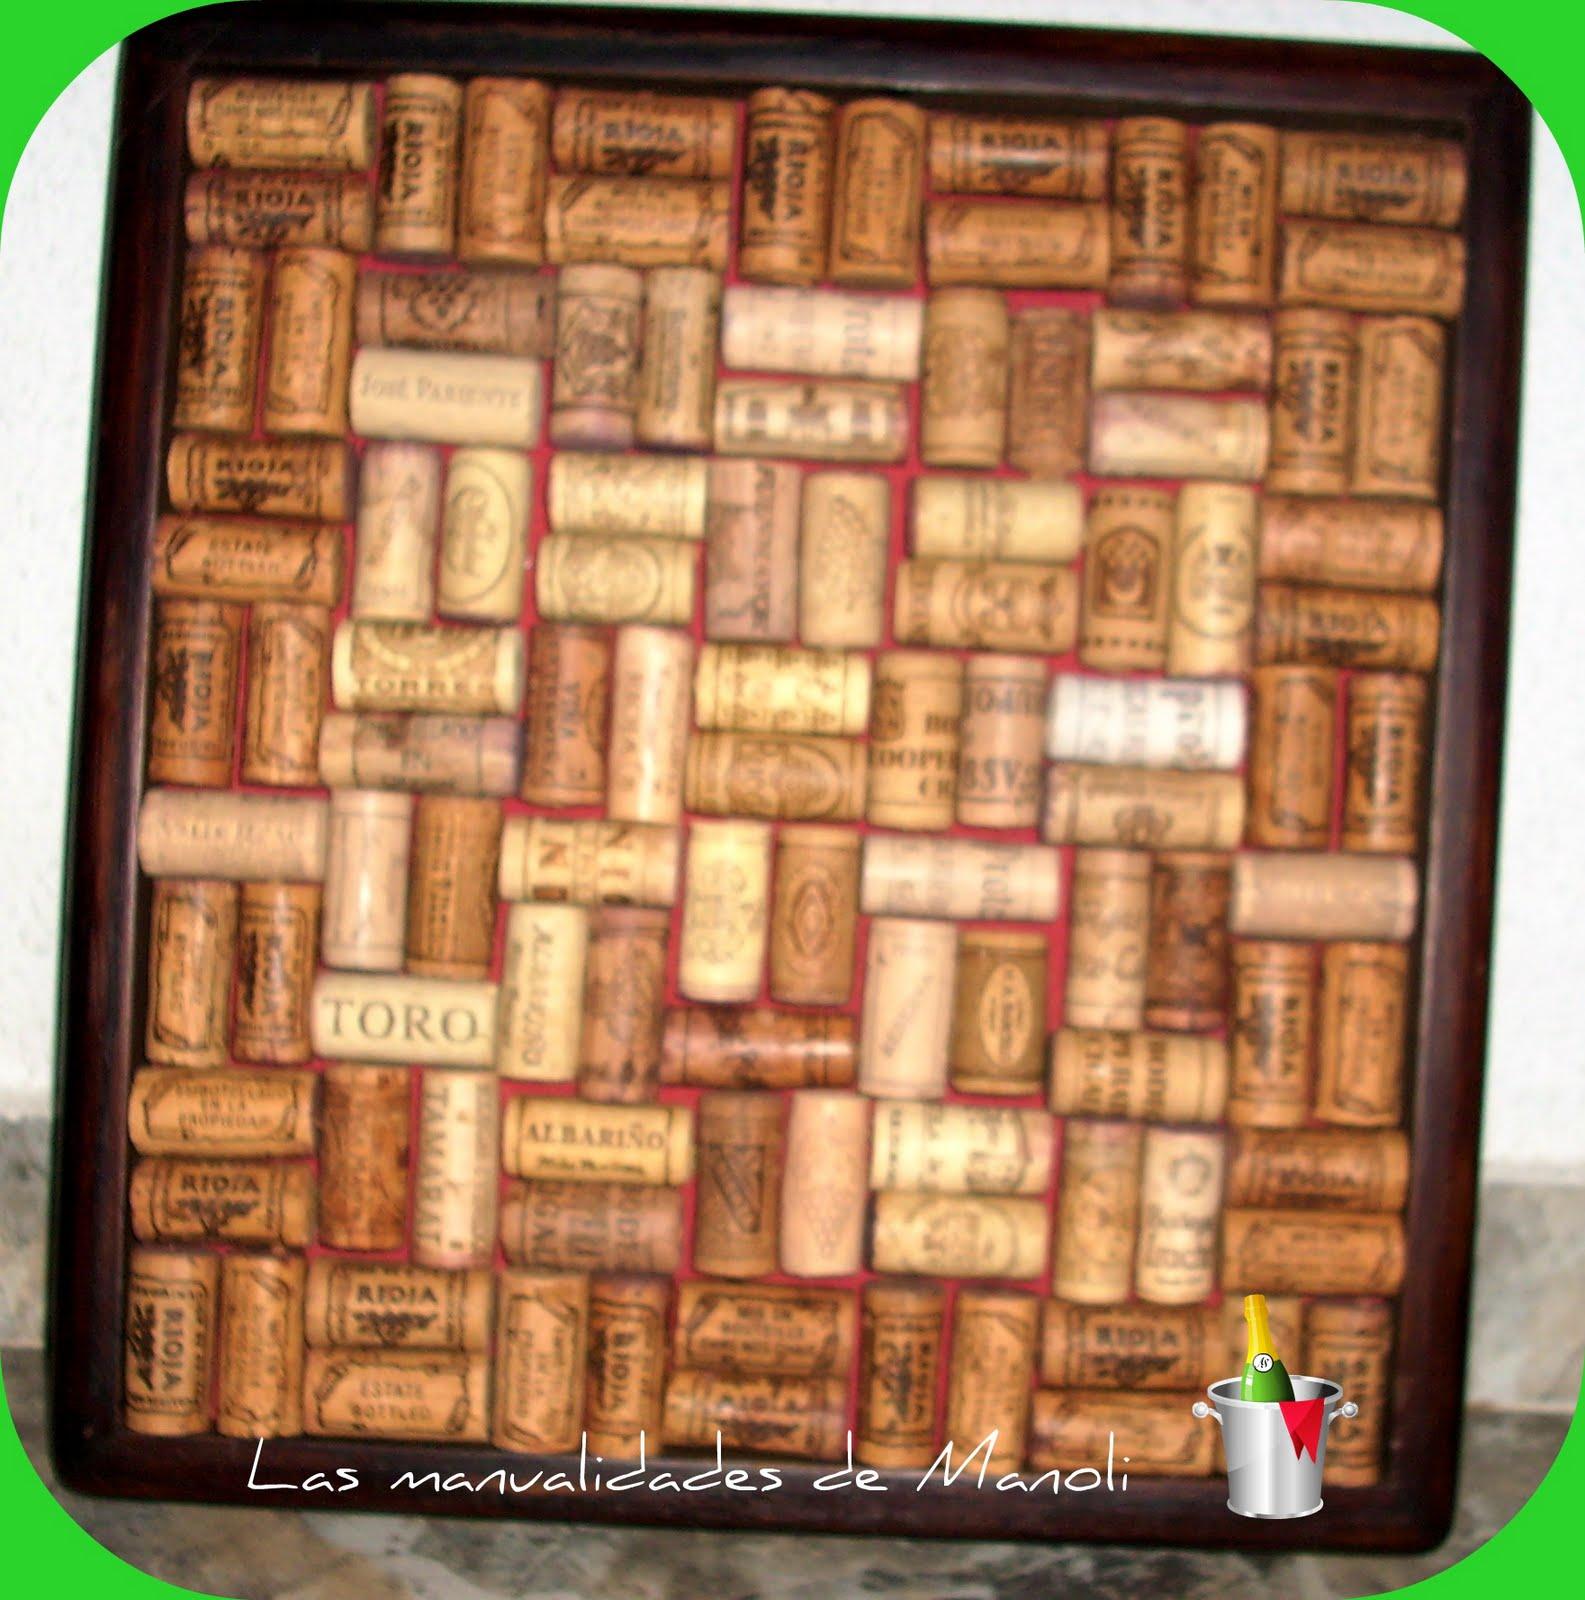 Las manualidades de manoli cuadro de corchos for Cuadros con corchos